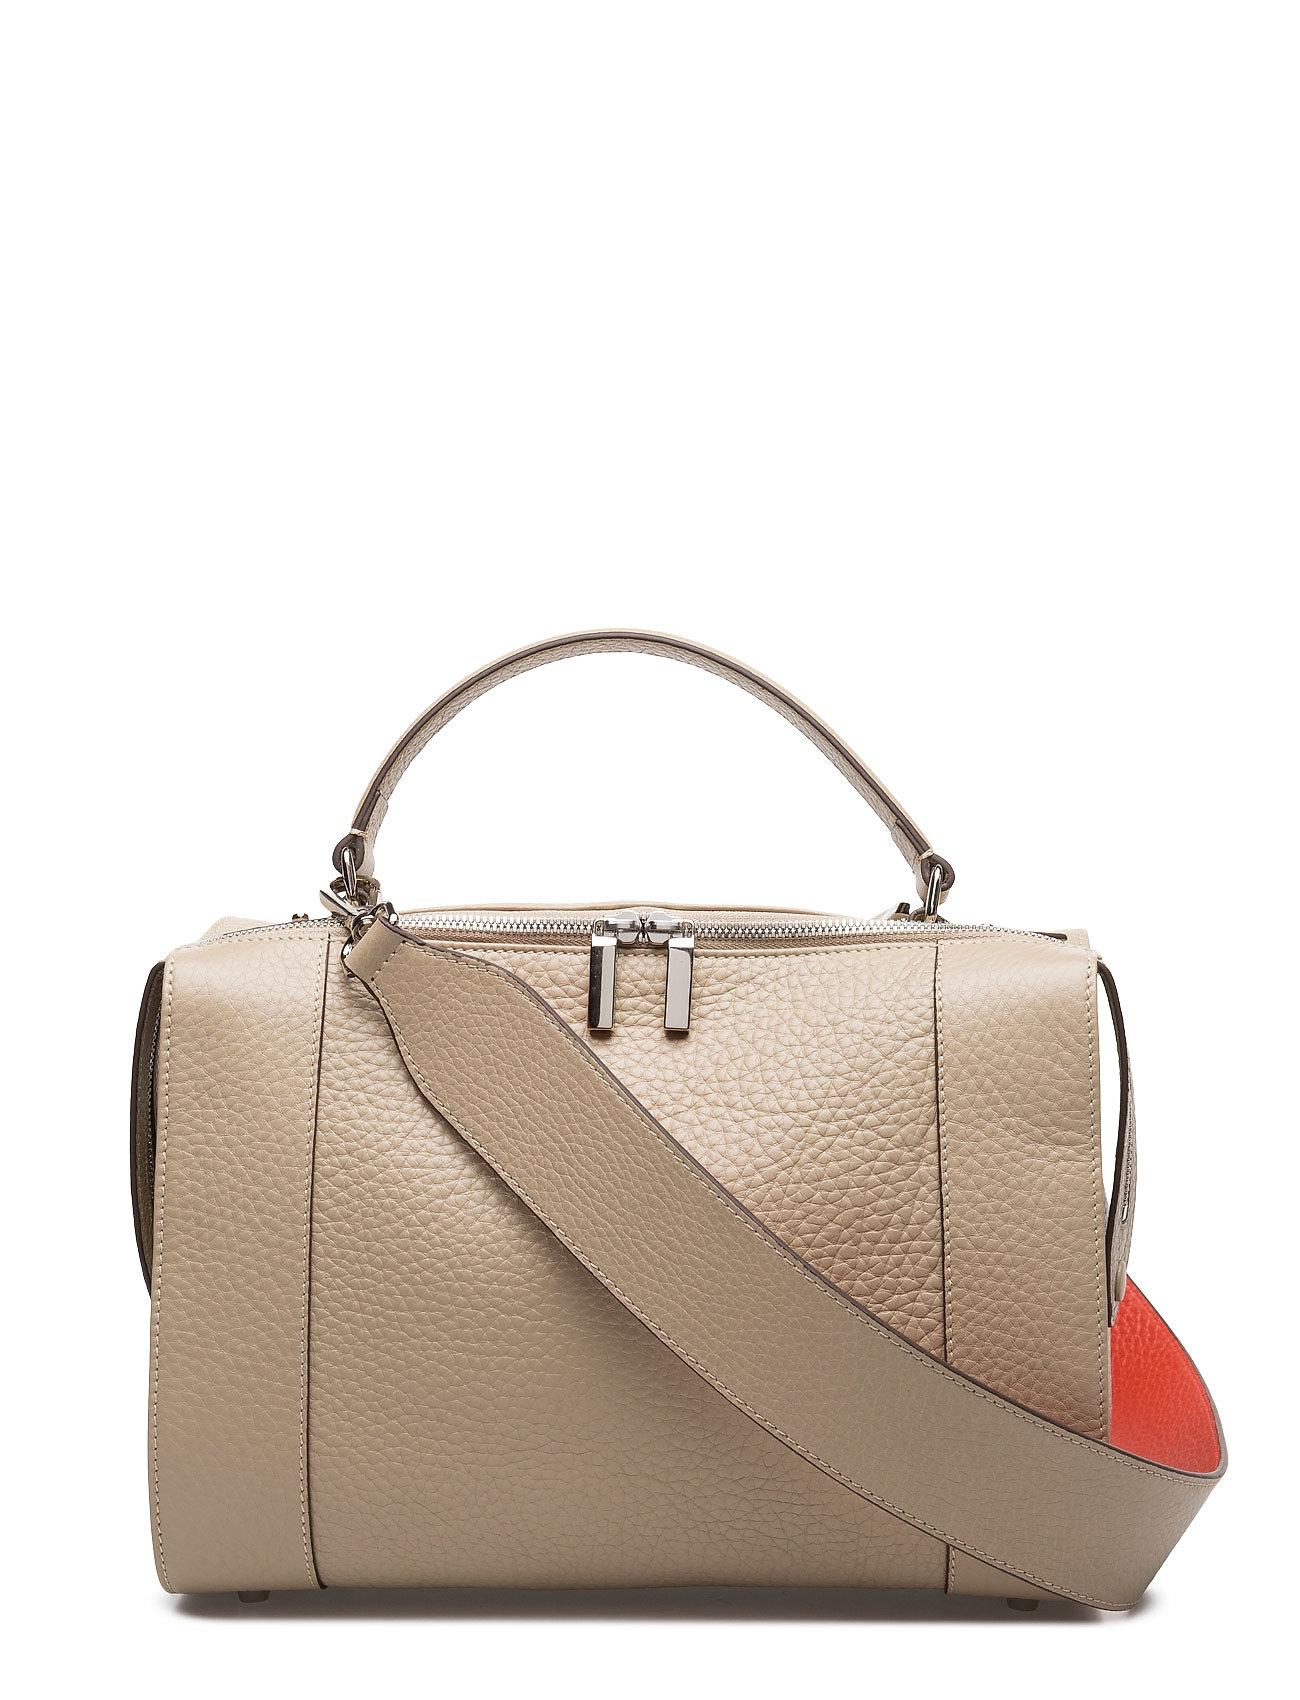 decadent One handle handbag fra boozt.com dk